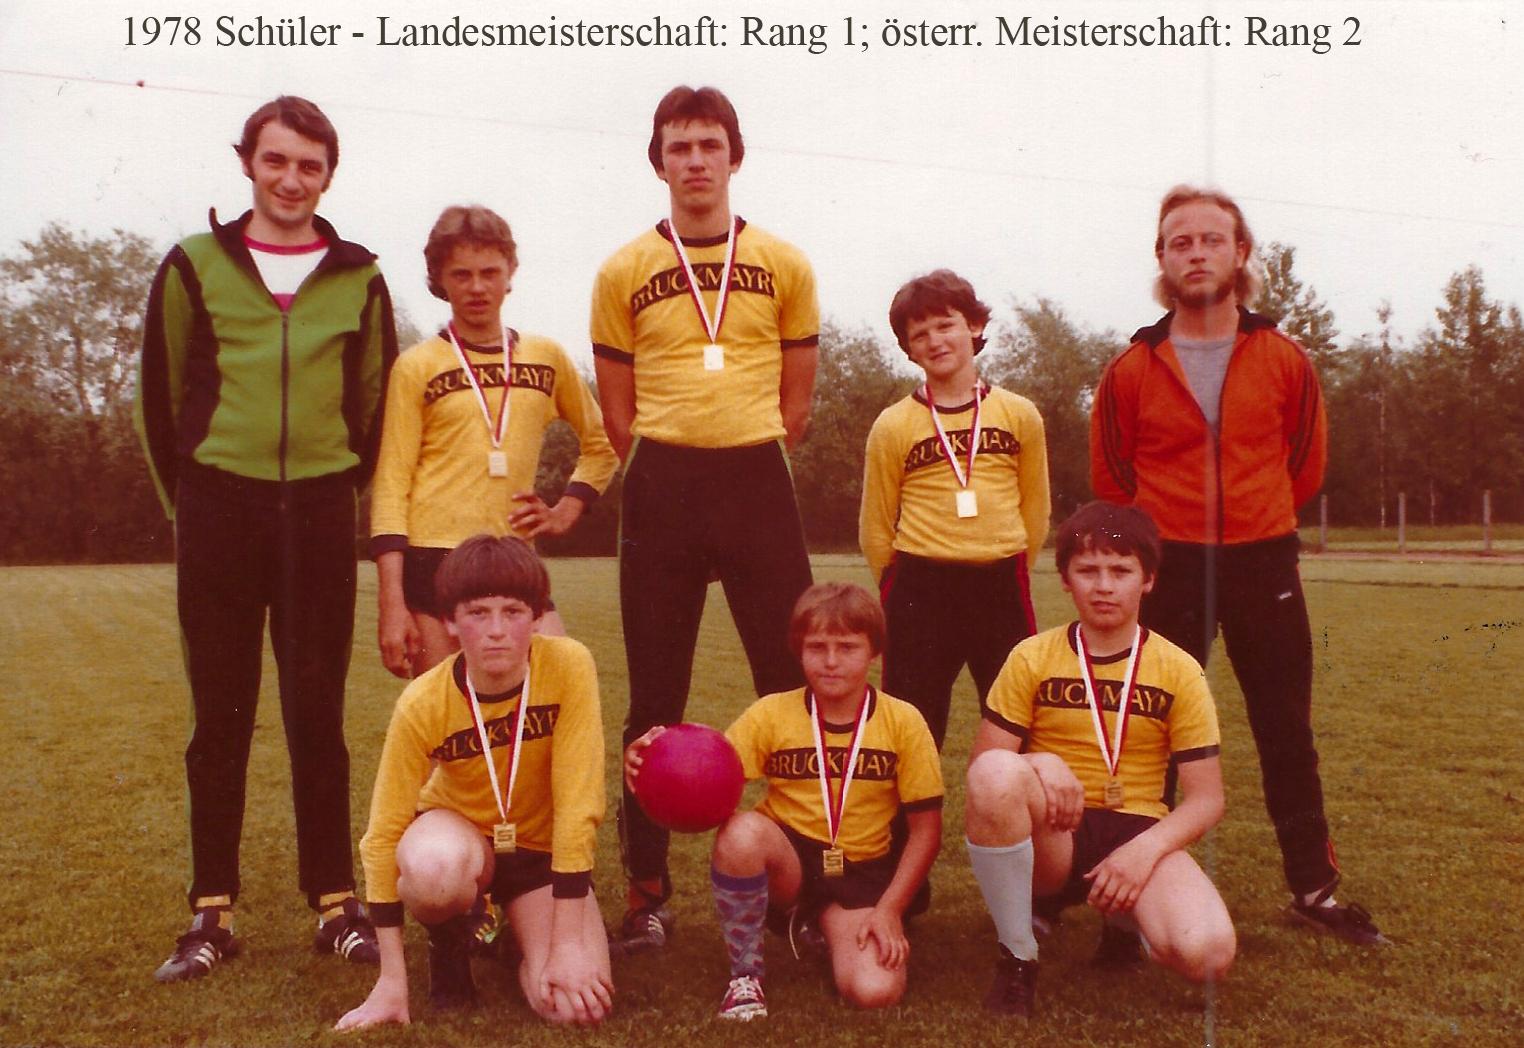 1978 Schüler-Landesmeisterschaft: Rang 1; österr. Meisterschaft: Rang 2